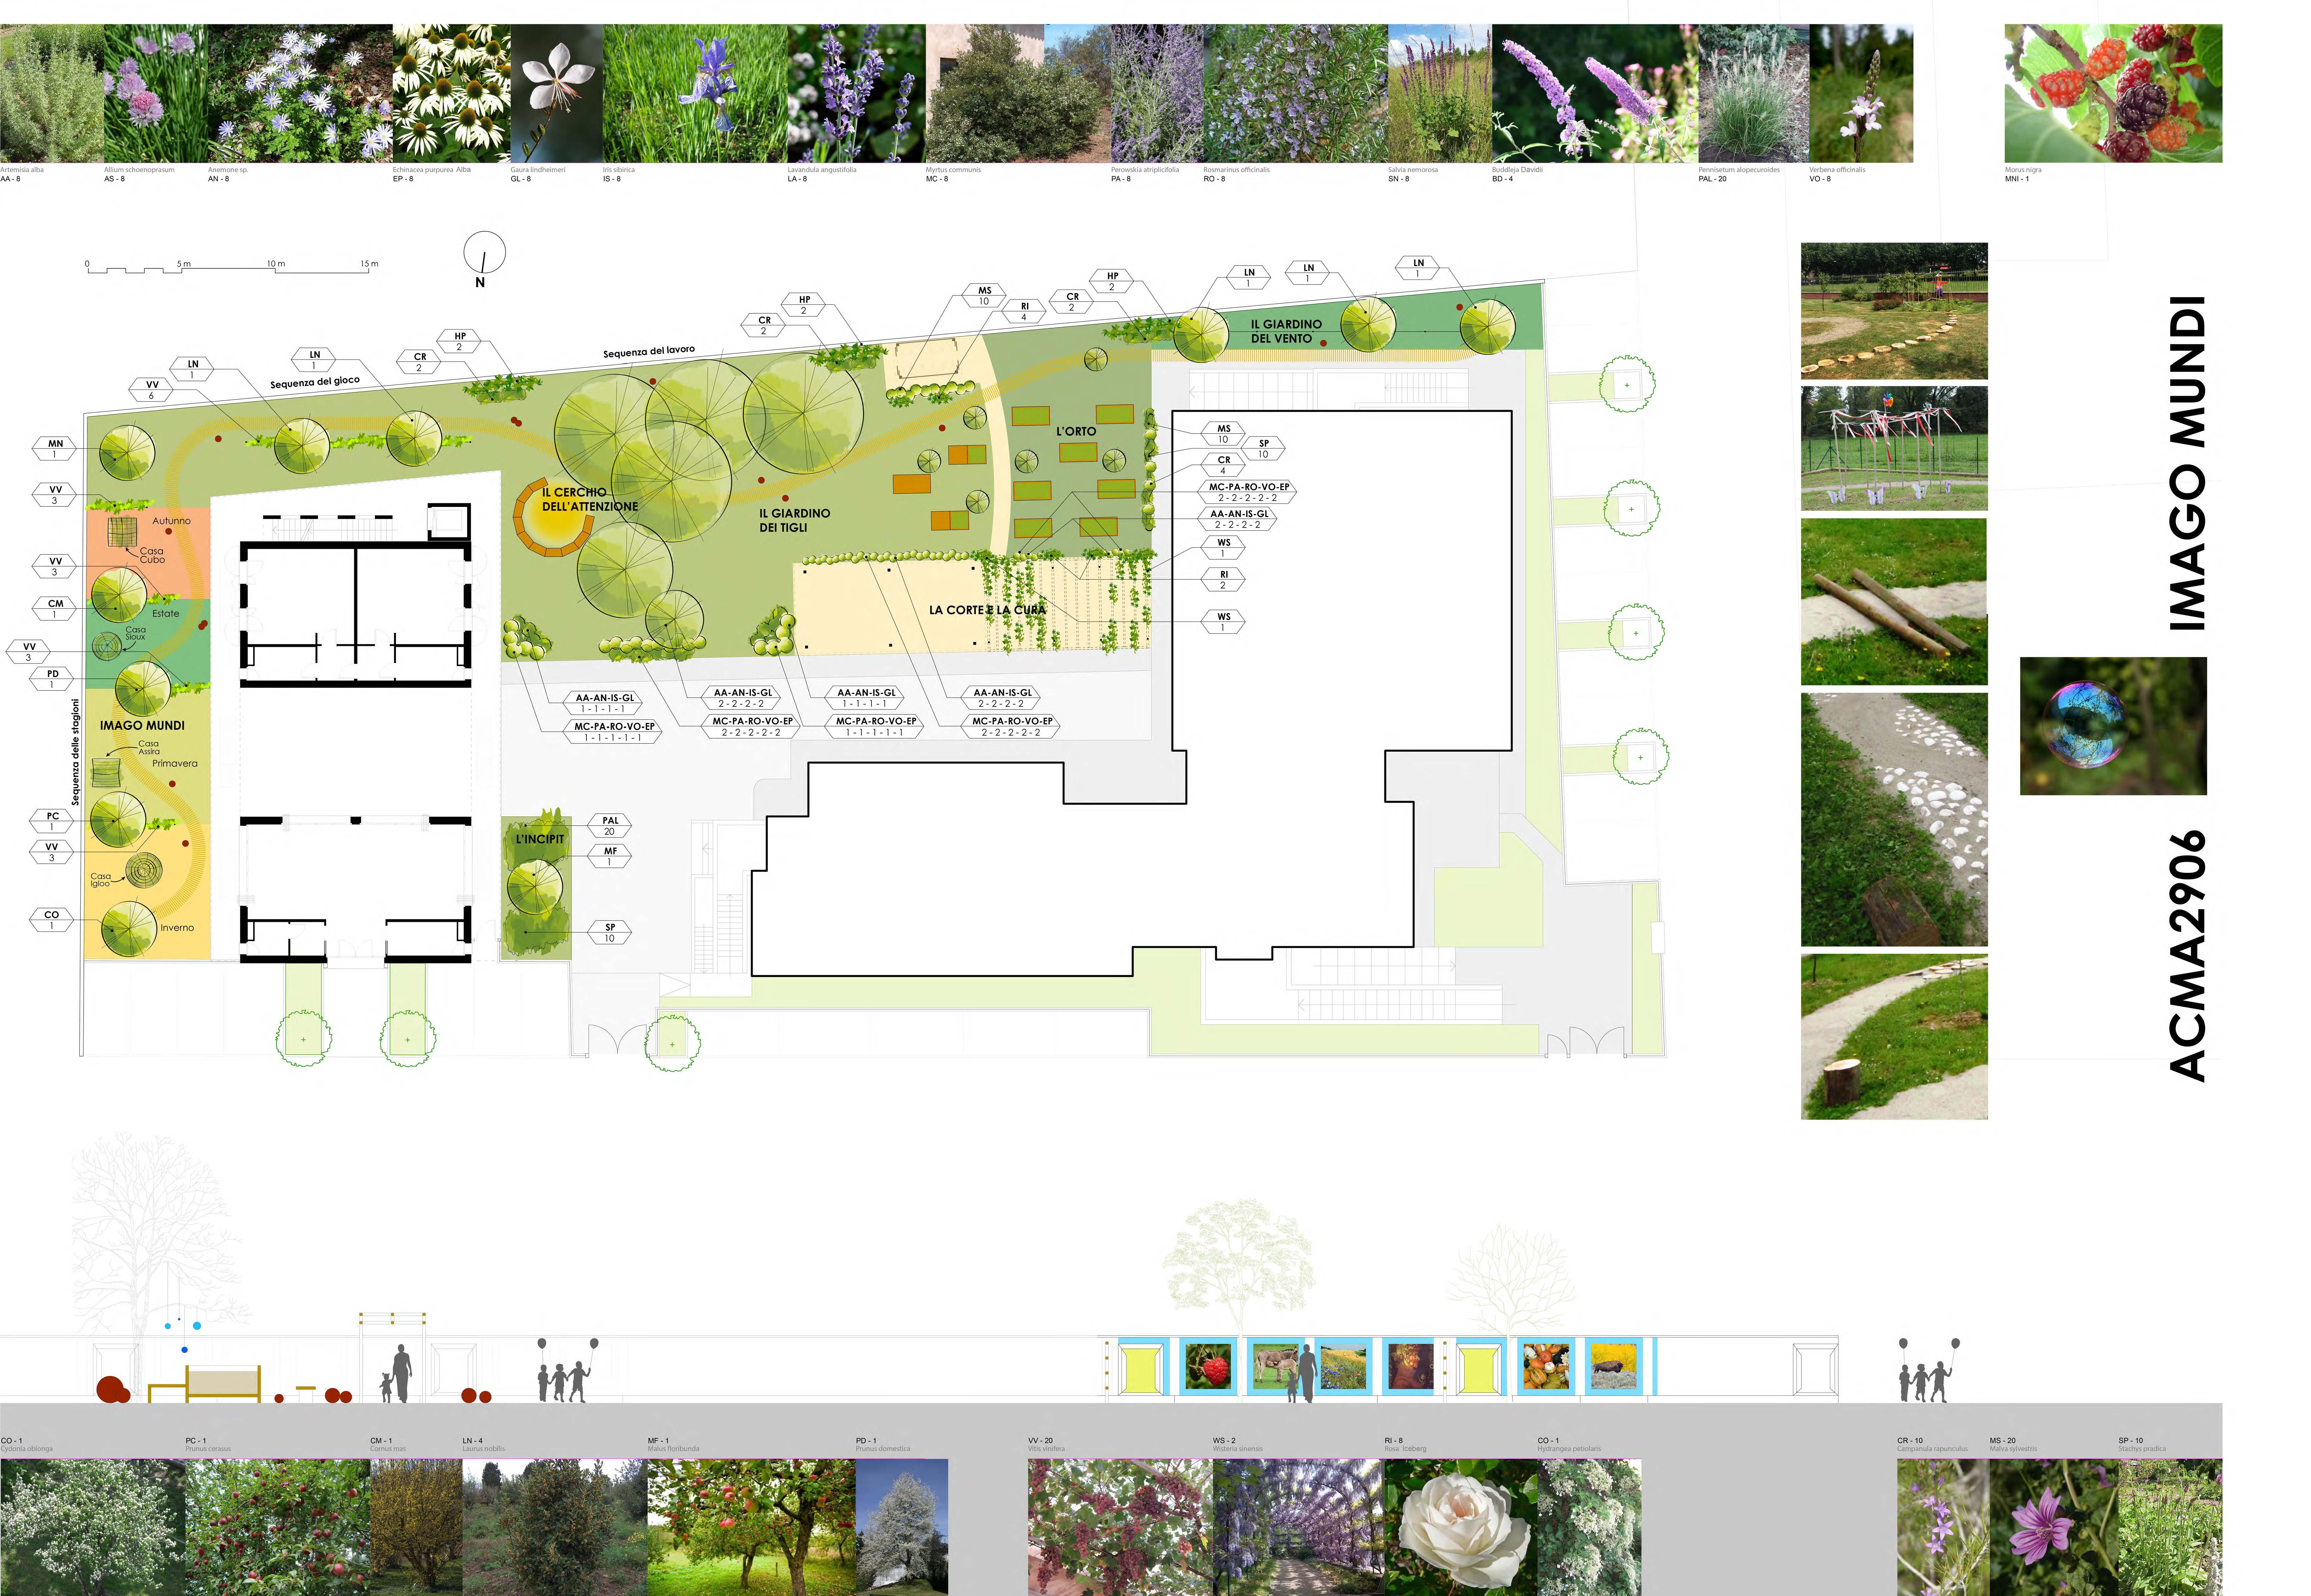 Progettare e realizzare giardini